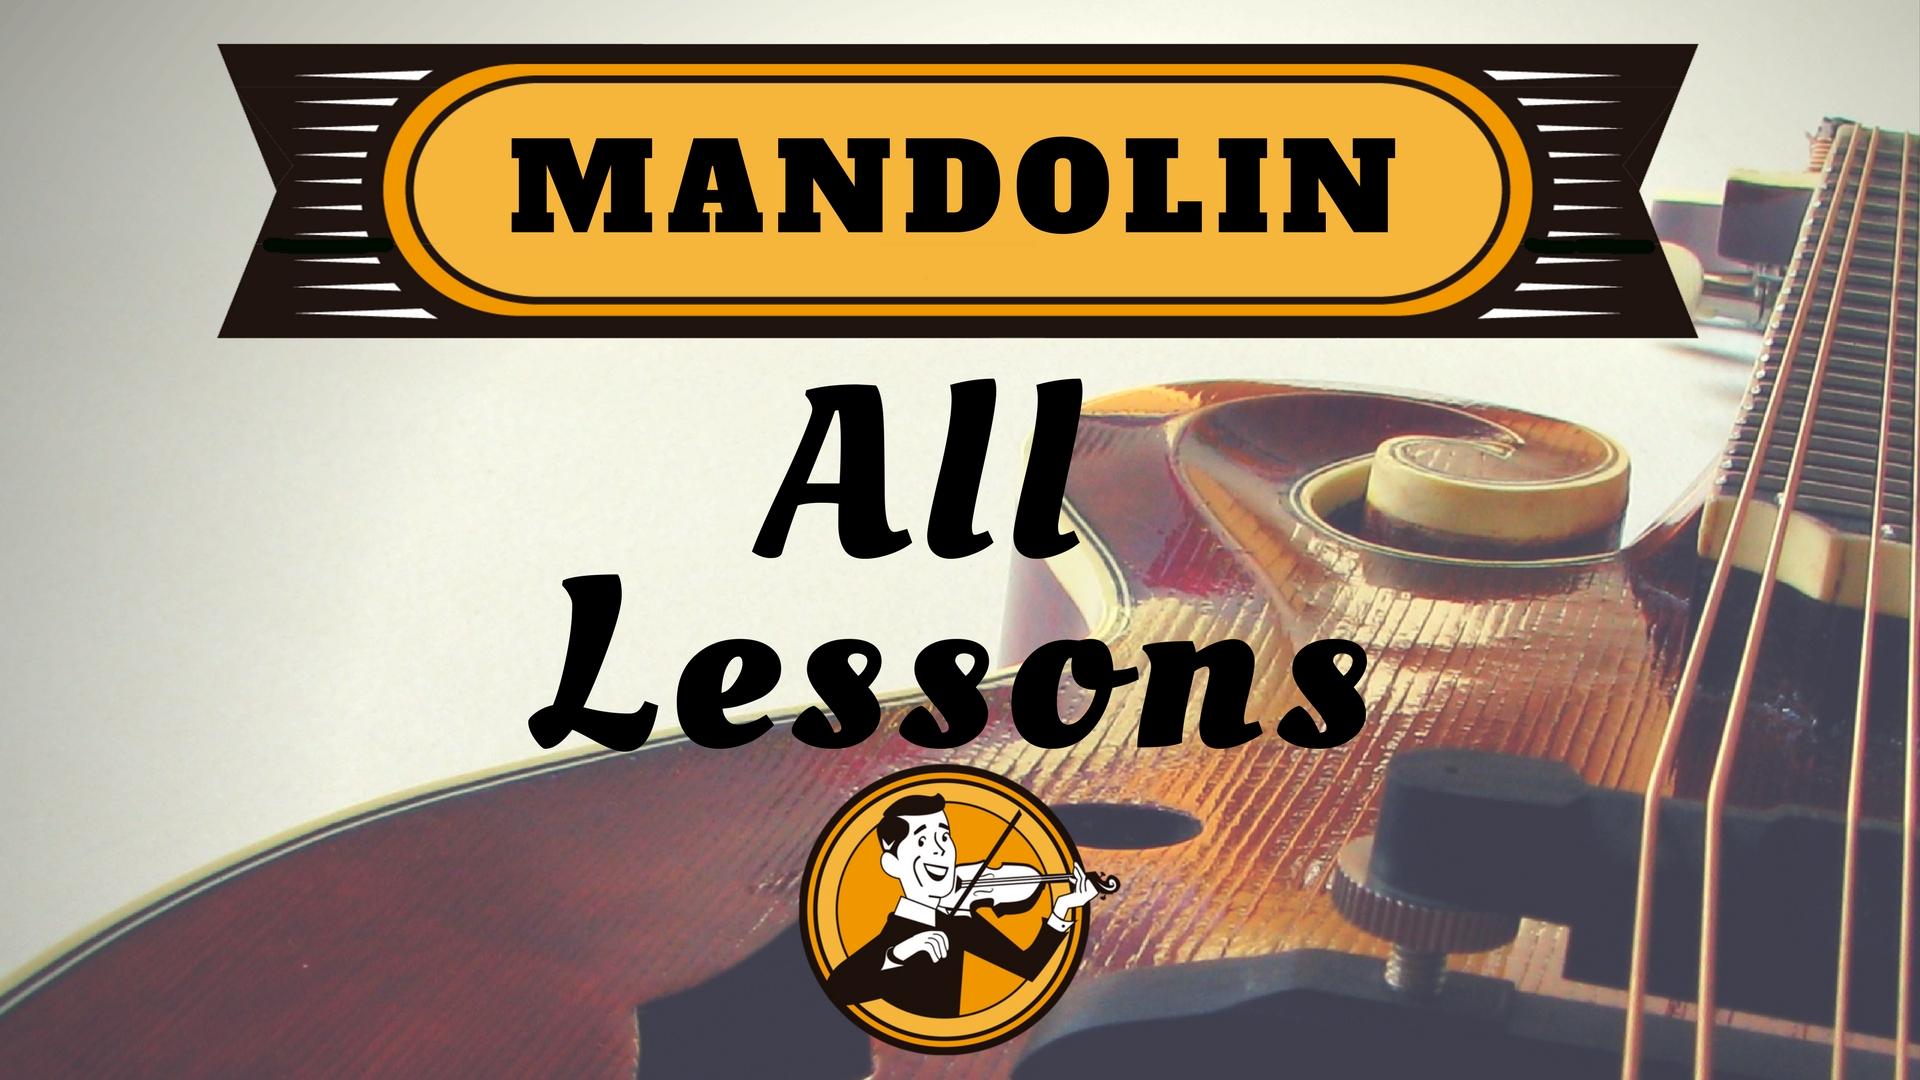 Mandolin All mandolin lessons